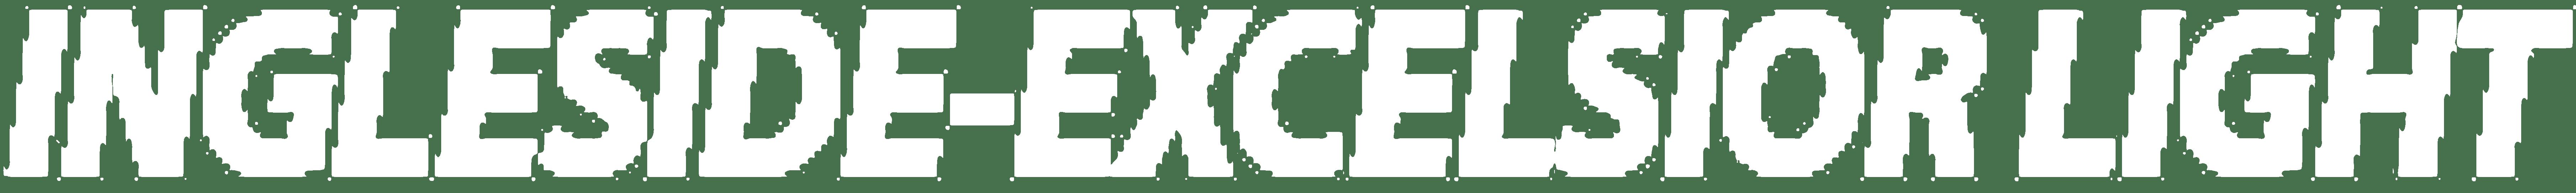 Ingleside-Excelsior Light logo